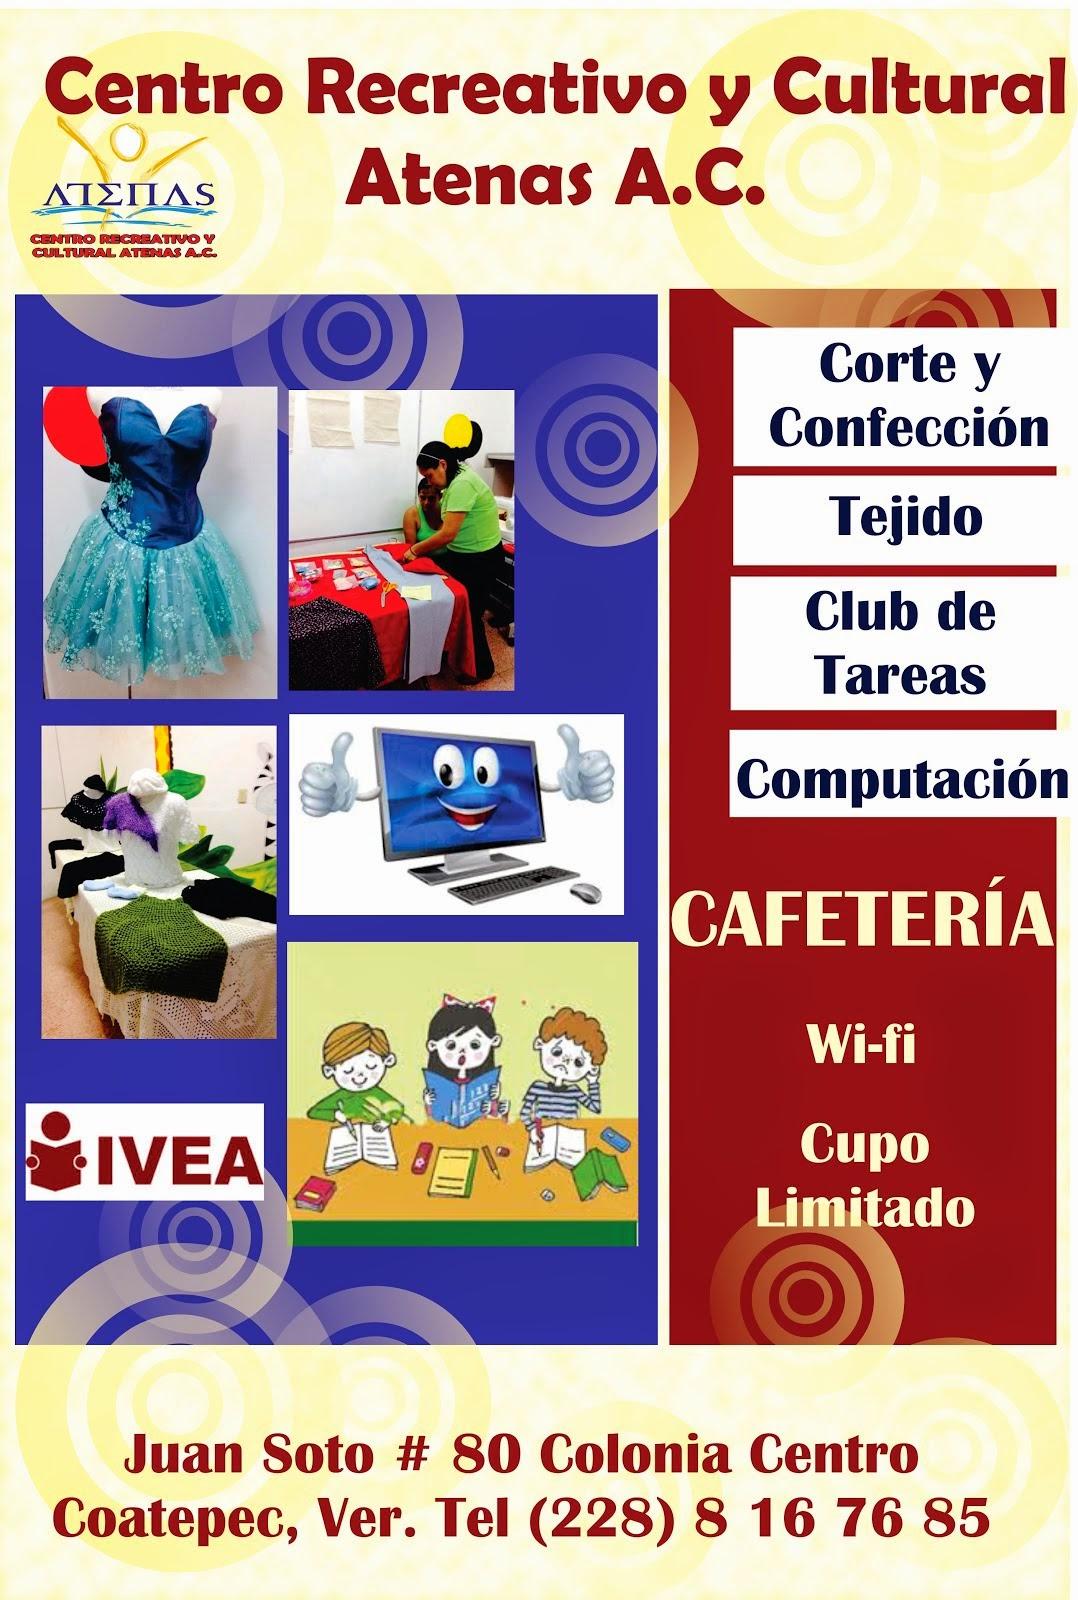 CENTRO RECREATIVO Y CULTURAL ATENAS A.C